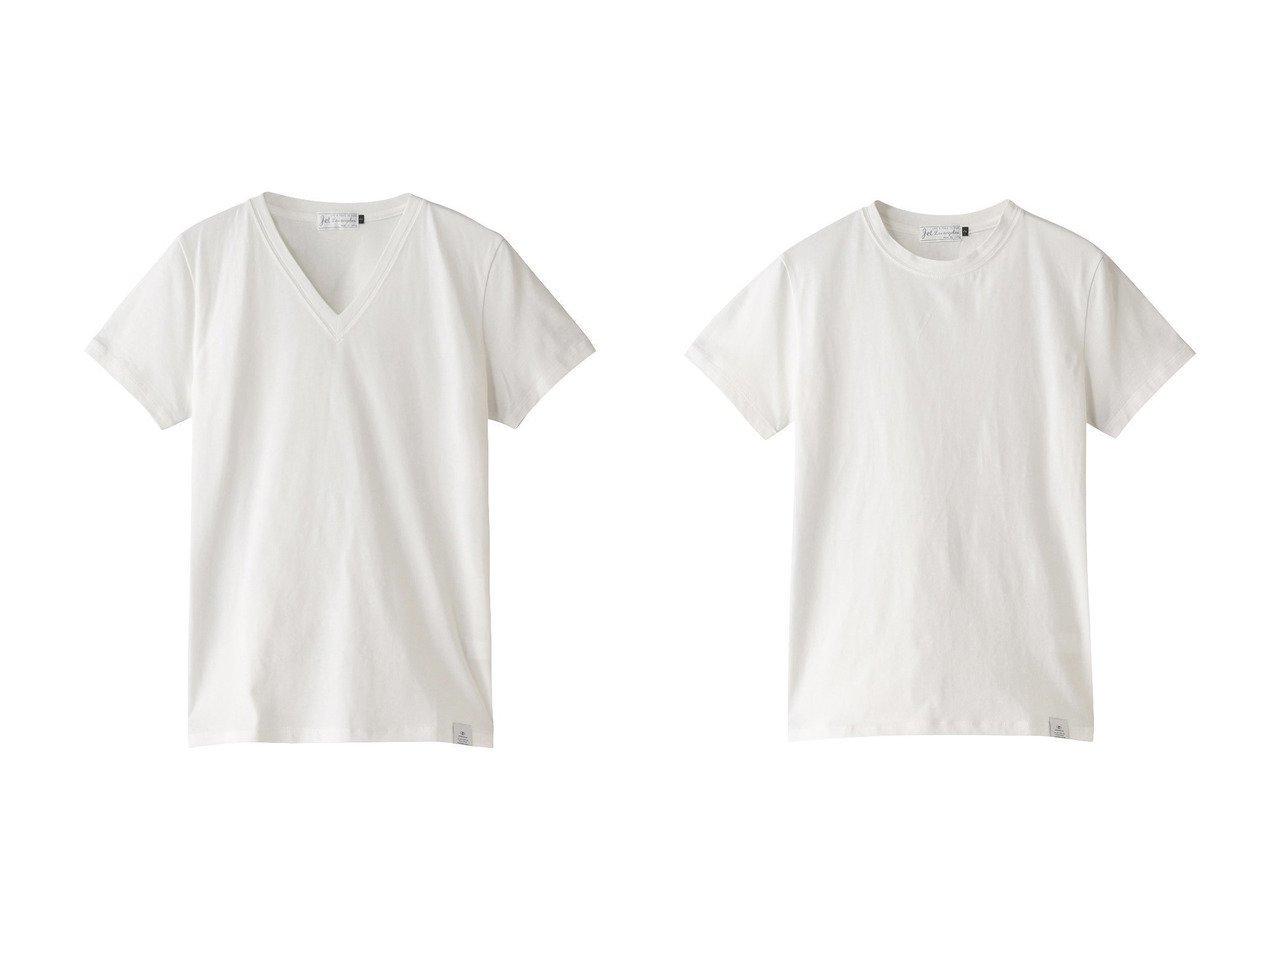 【JET/ジェット】の【JET LOSANGELES】VネックコットンTシャツ(2枚セット)&【JET LOSANGELES】クルーネックコットンTシャツ(2枚セット) 【トップス・カットソー】おすすめ!人気、トレンド・レディースファッションの通販  おすすめで人気の流行・トレンド、ファッションの通販商品 メンズファッション・キッズファッション・インテリア・家具・レディースファッション・服の通販 founy(ファニー) https://founy.com/ ファッション Fashion レディースファッション WOMEN トップス・カットソー Tops/Tshirt シャツ/ブラウス Shirts/Blouses ロング / Tシャツ T-Shirts カットソー Cut and Sewn Vネック V-Neck 2021年 2021 2021春夏・S/S SS/Spring/Summer/2021 S/S・春夏 SS・Spring/Summer ショート シンプル スリーブ 定番 Standard 春 Spring |ID:crp329100000028277